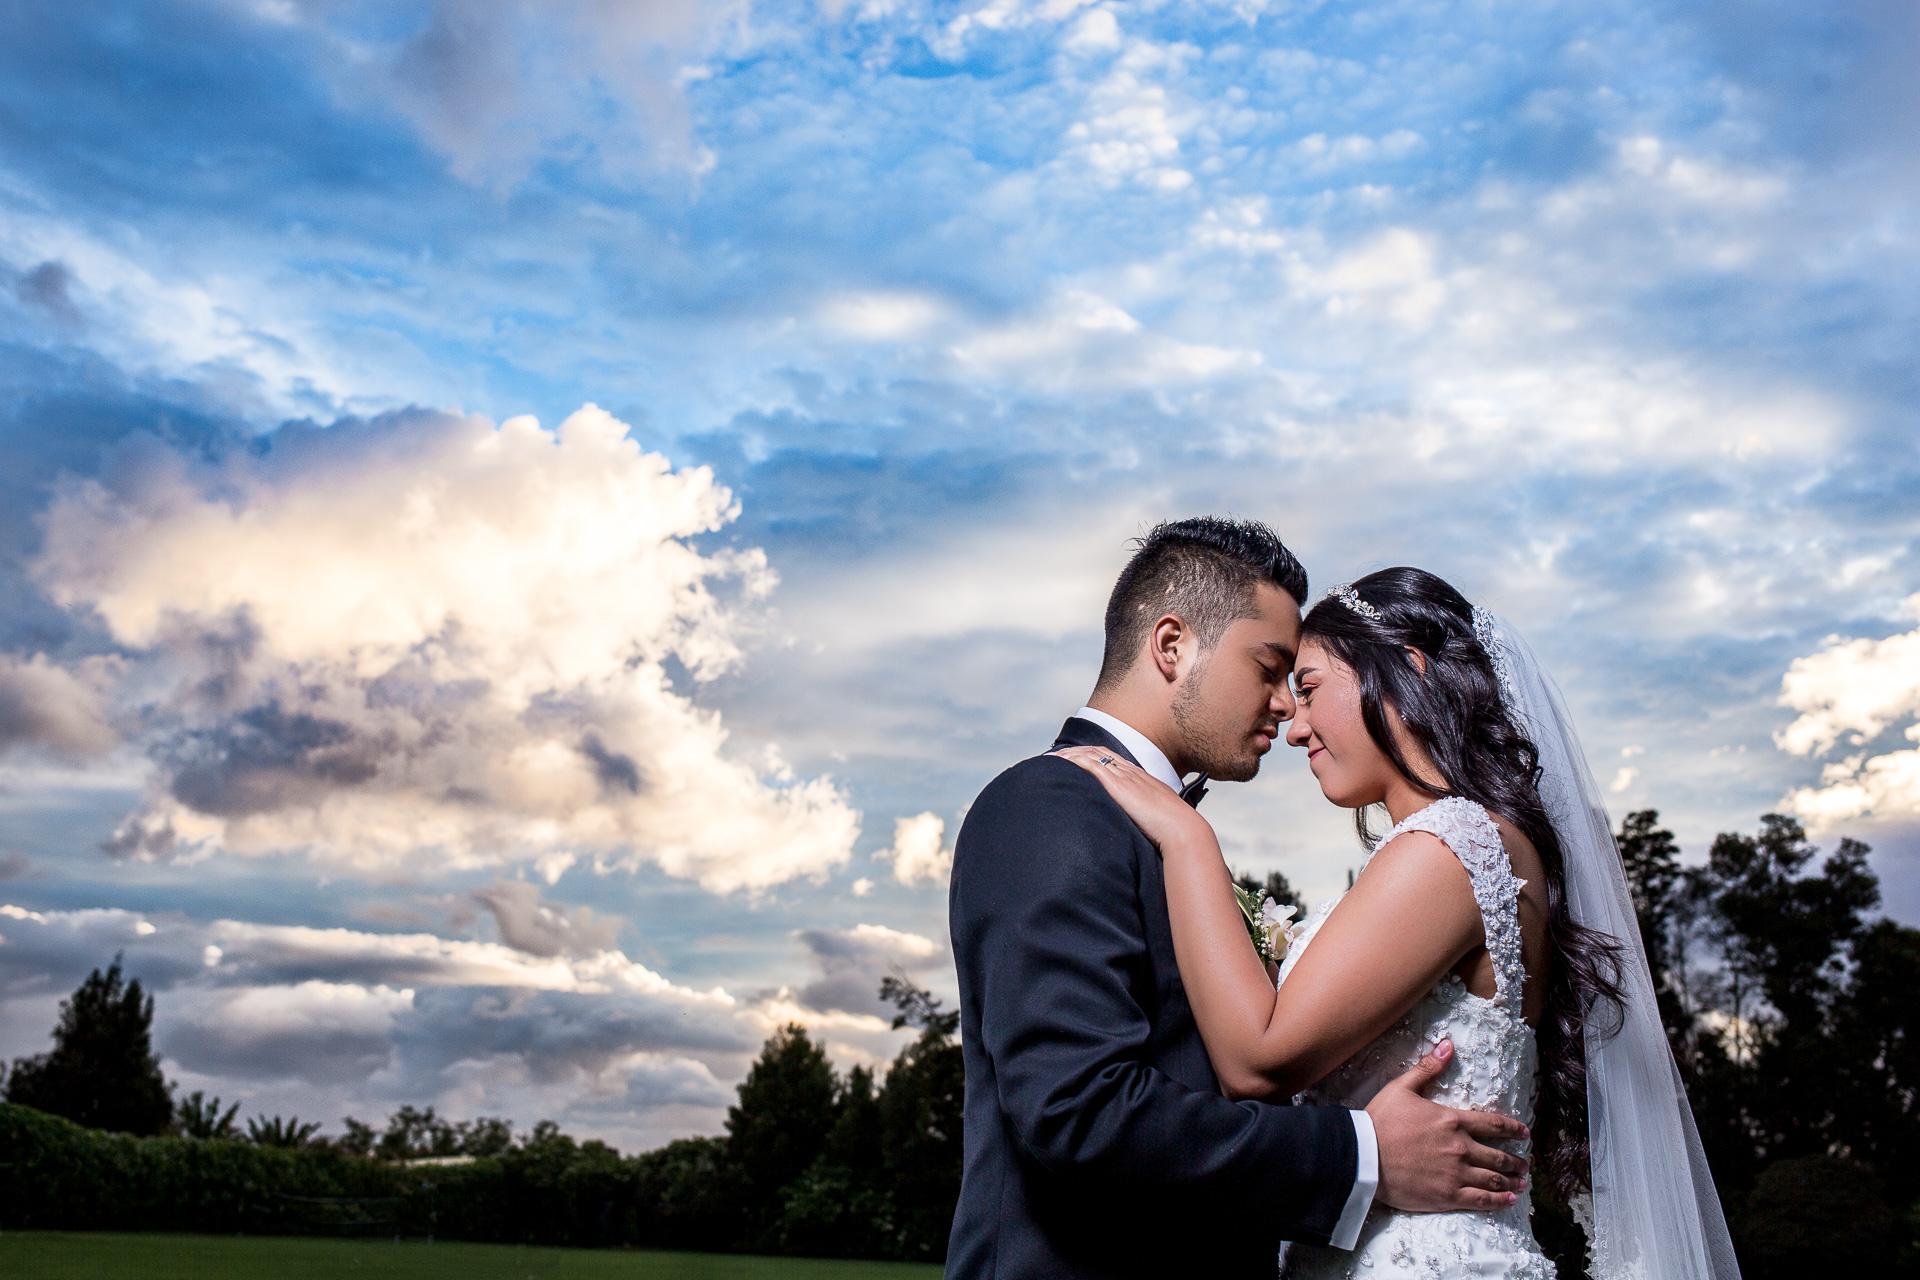 Fotógrafos-de-bodas-en-Colombia-Alejandro-y-Angelica-31 ALEJANDRO + ANGELICA